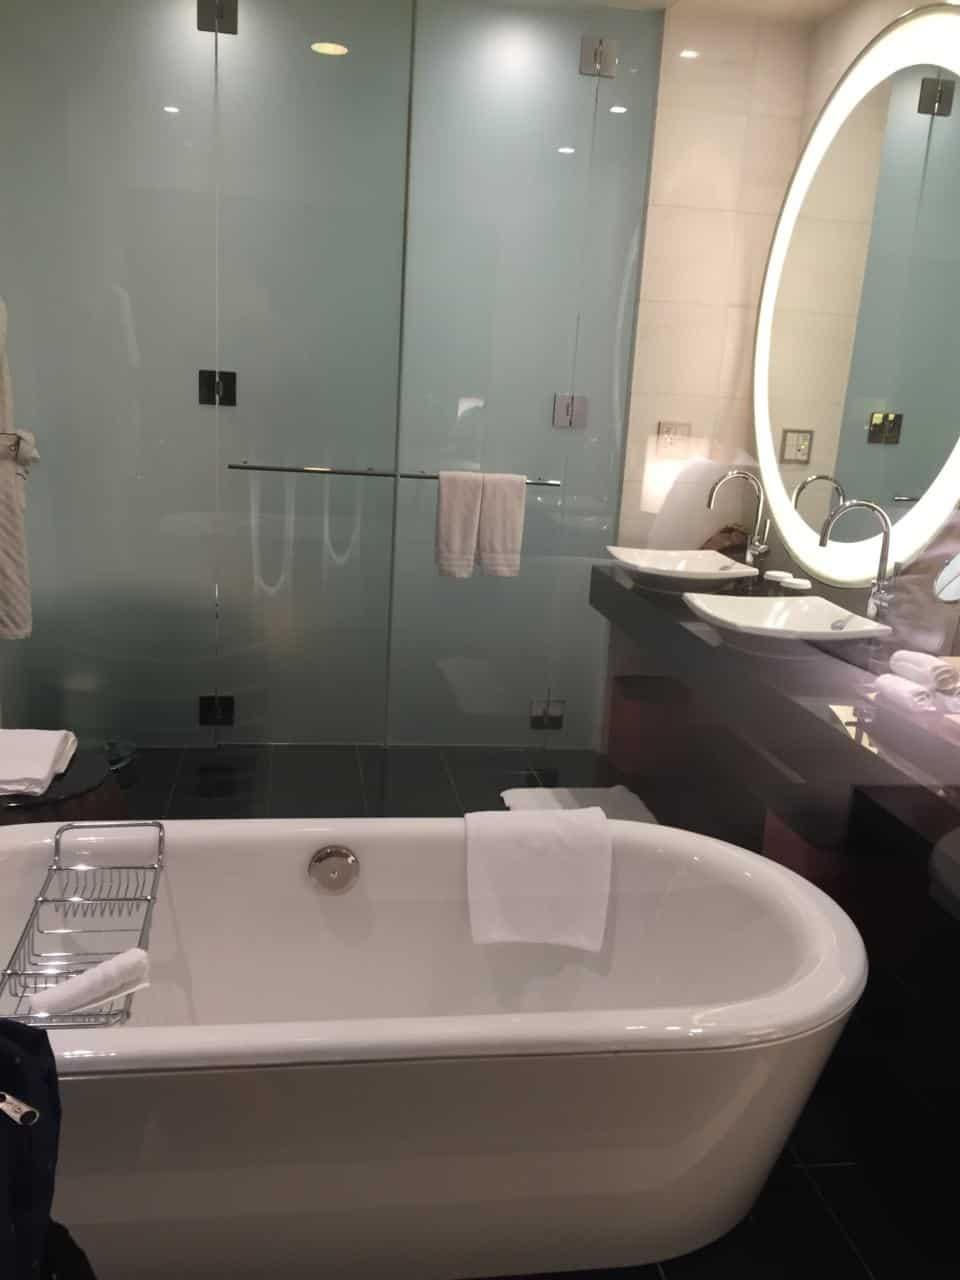 The bathroom at the Conrad Tokyo